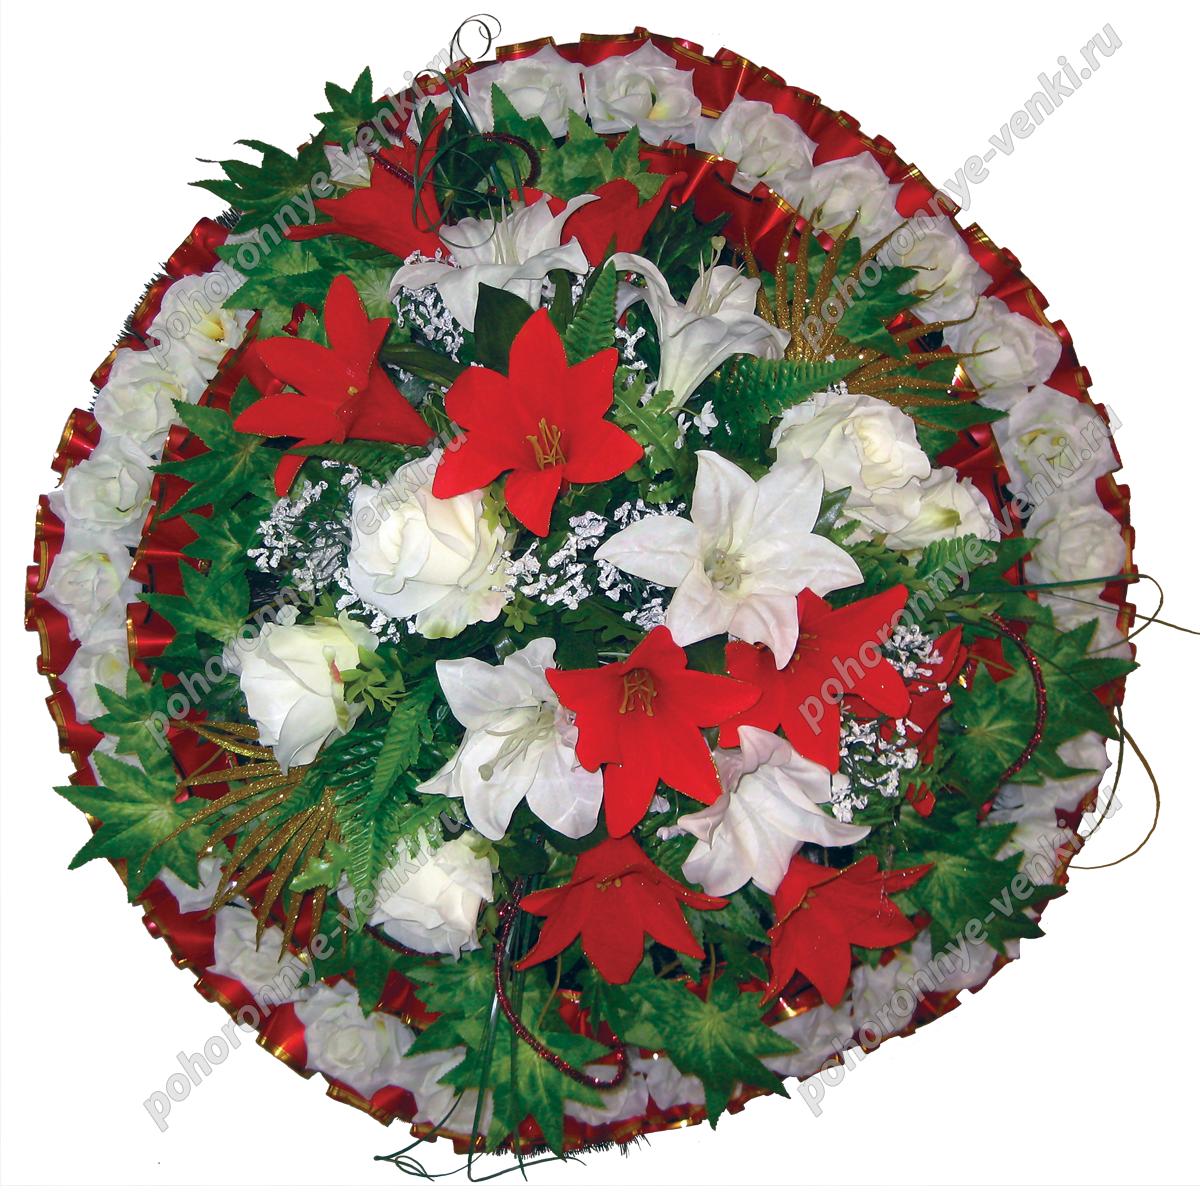 Ритуальные венки круглые из искусственных цветов